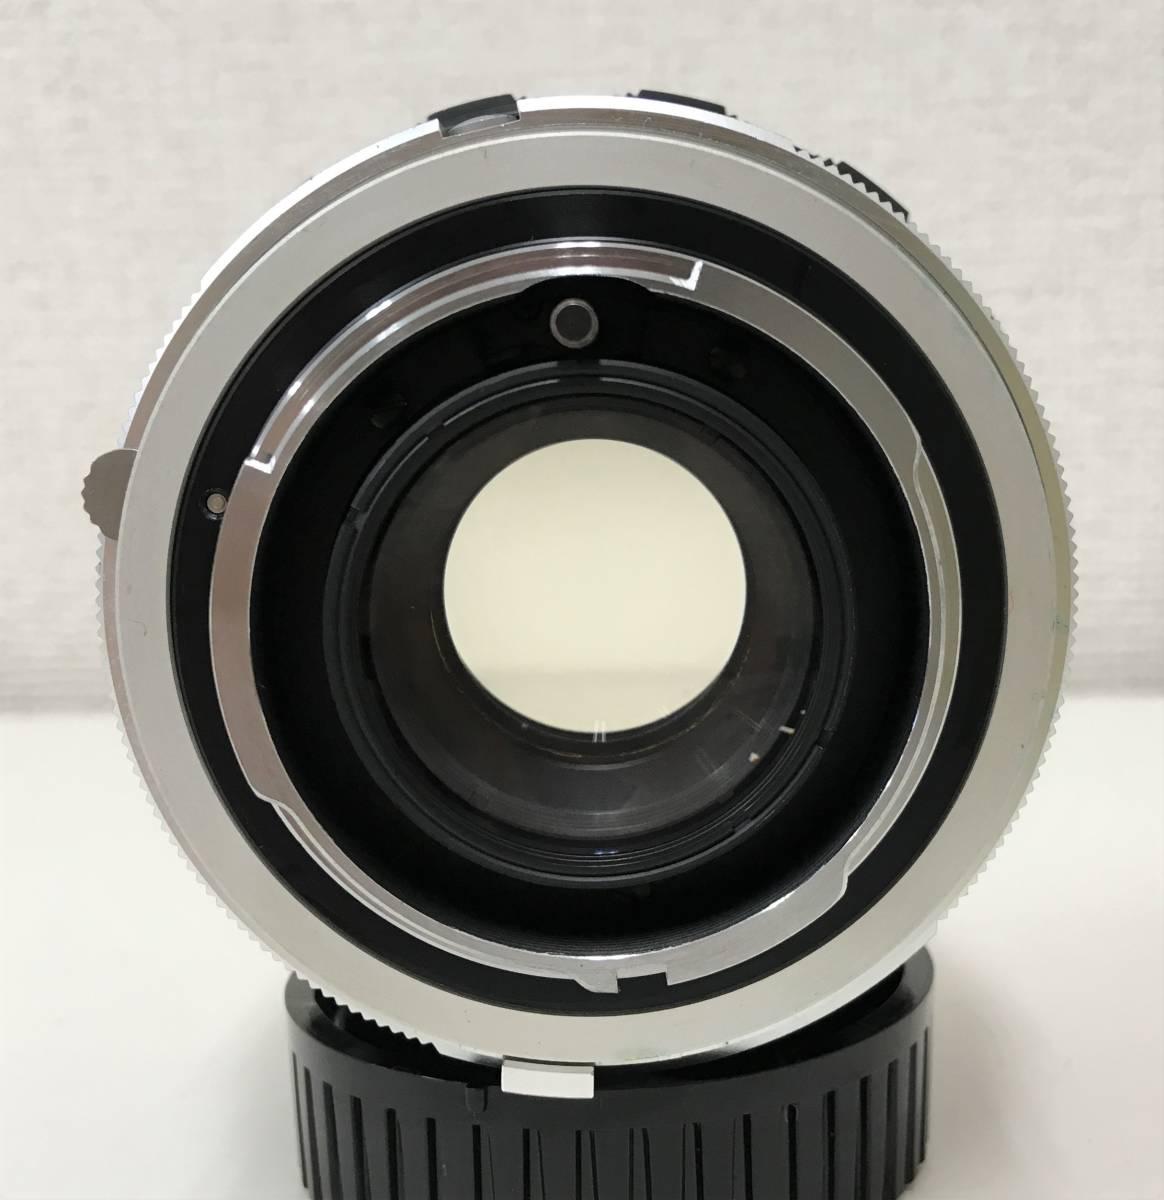 【ミノルタ 魚眼レンズ 1:2.8 F=!6mm】MINOLTA/MC FISH-EYE ROKKOR-OK(1502212)/ケース・キャップ付/A5830_画像7